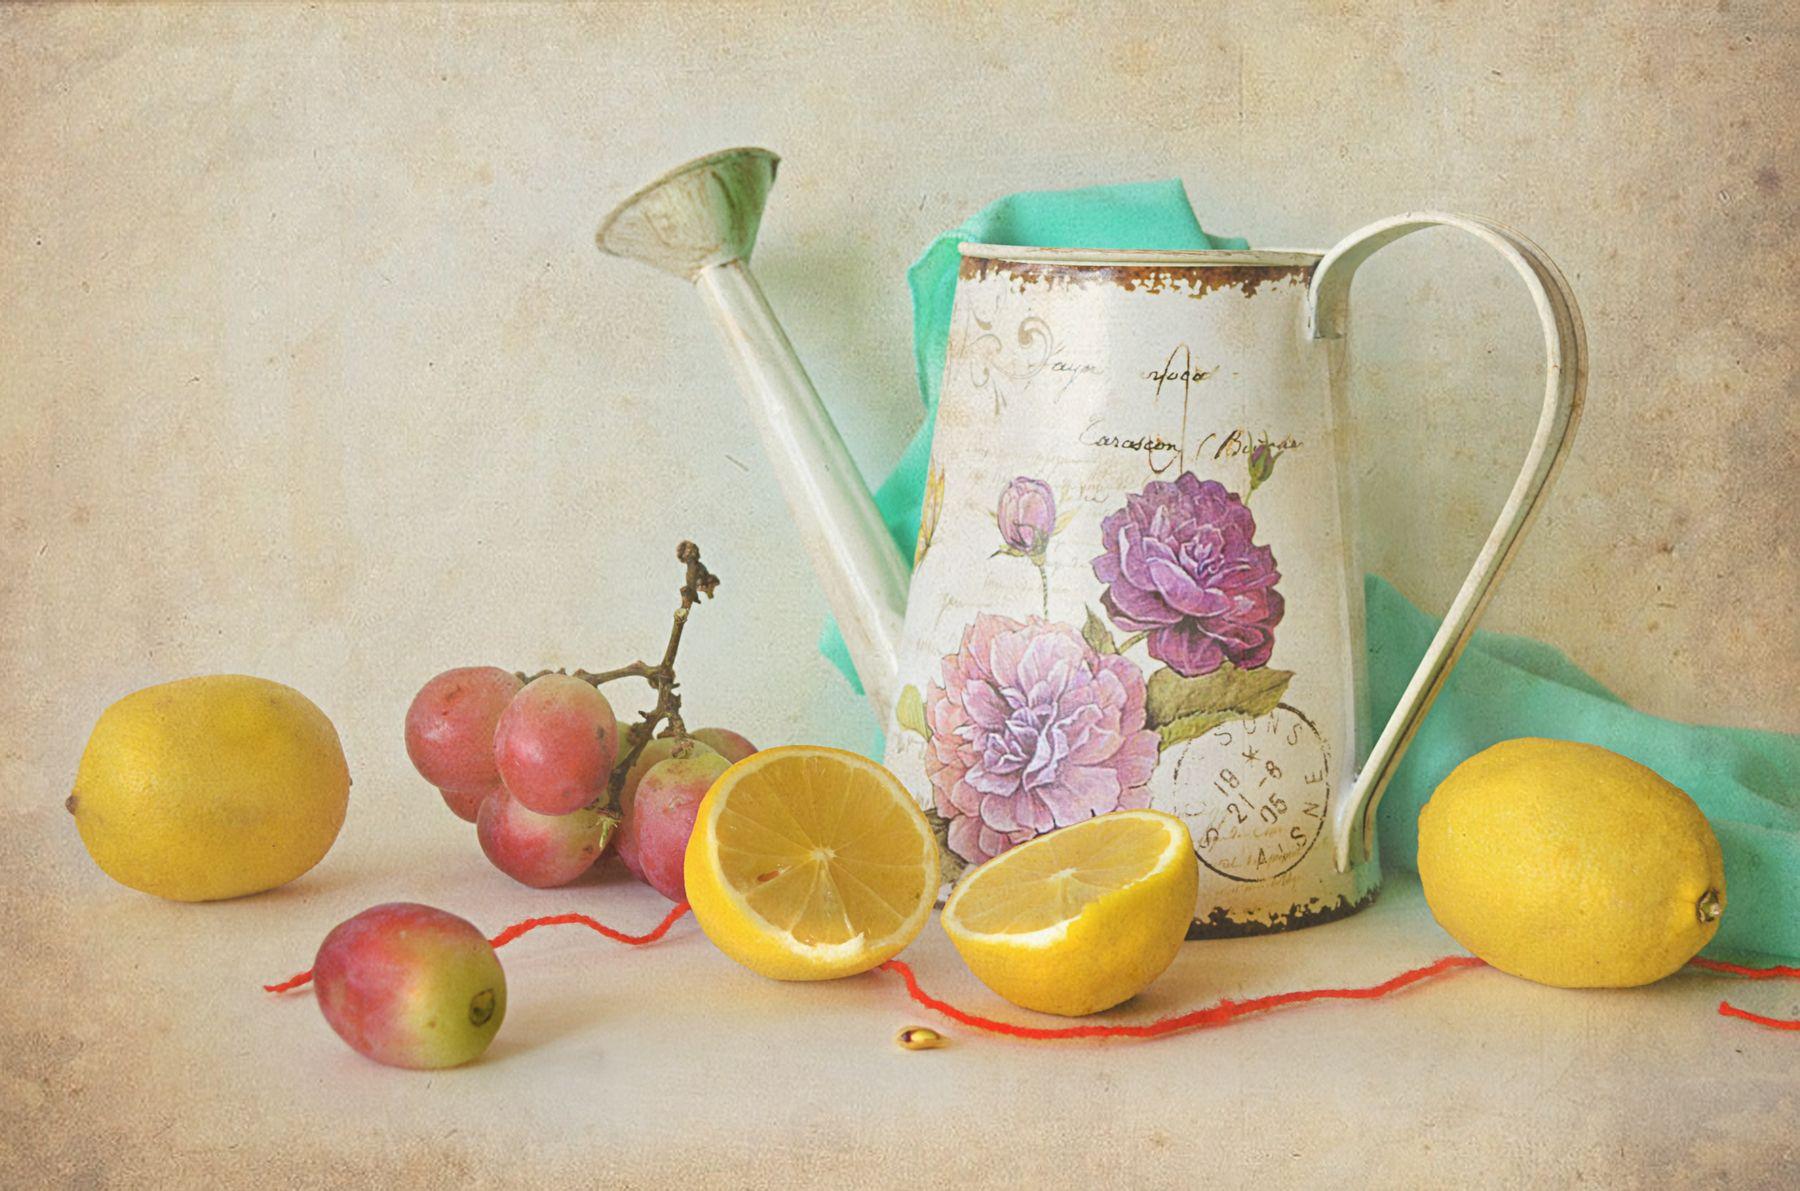 Слушая тишину... натюрморт стол предметы лейка цитрусы лимон виноград драпировка семечка верёвочка красная лента